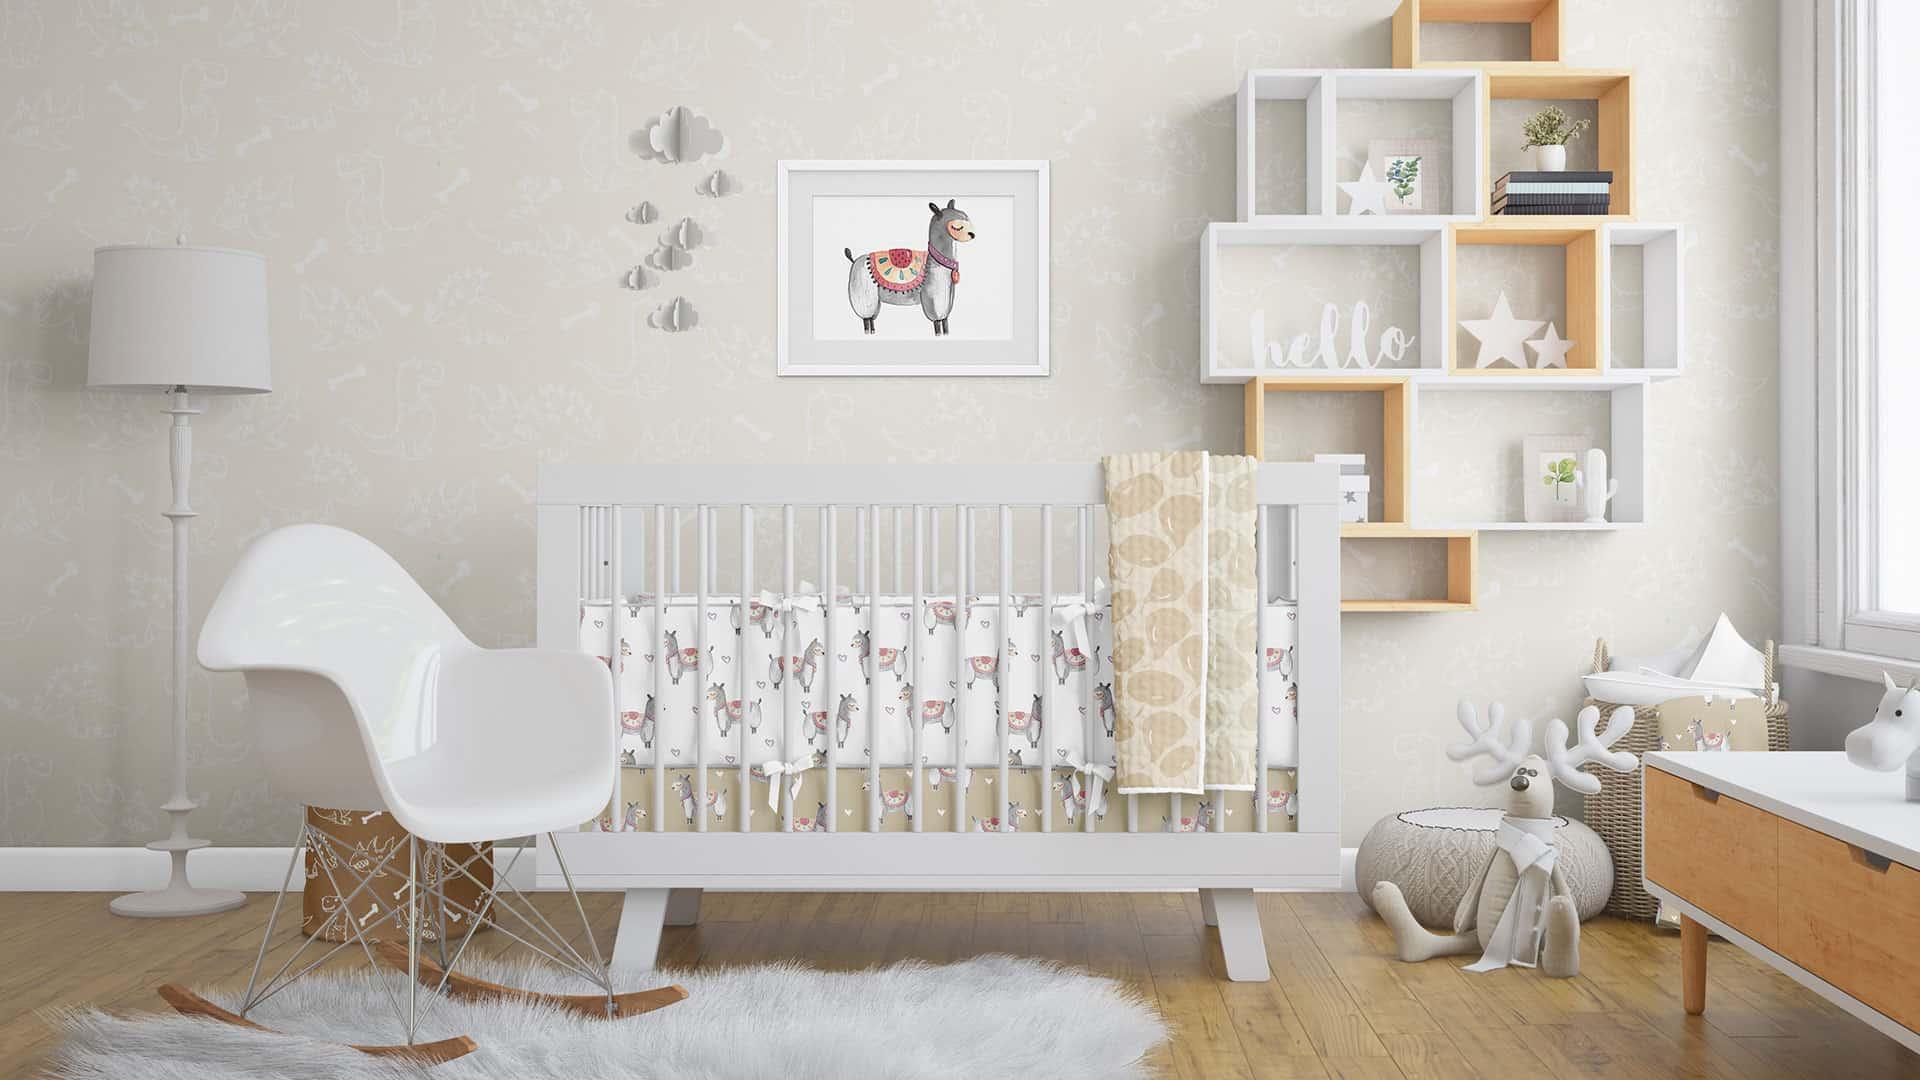 progetto unico stanza per bambini